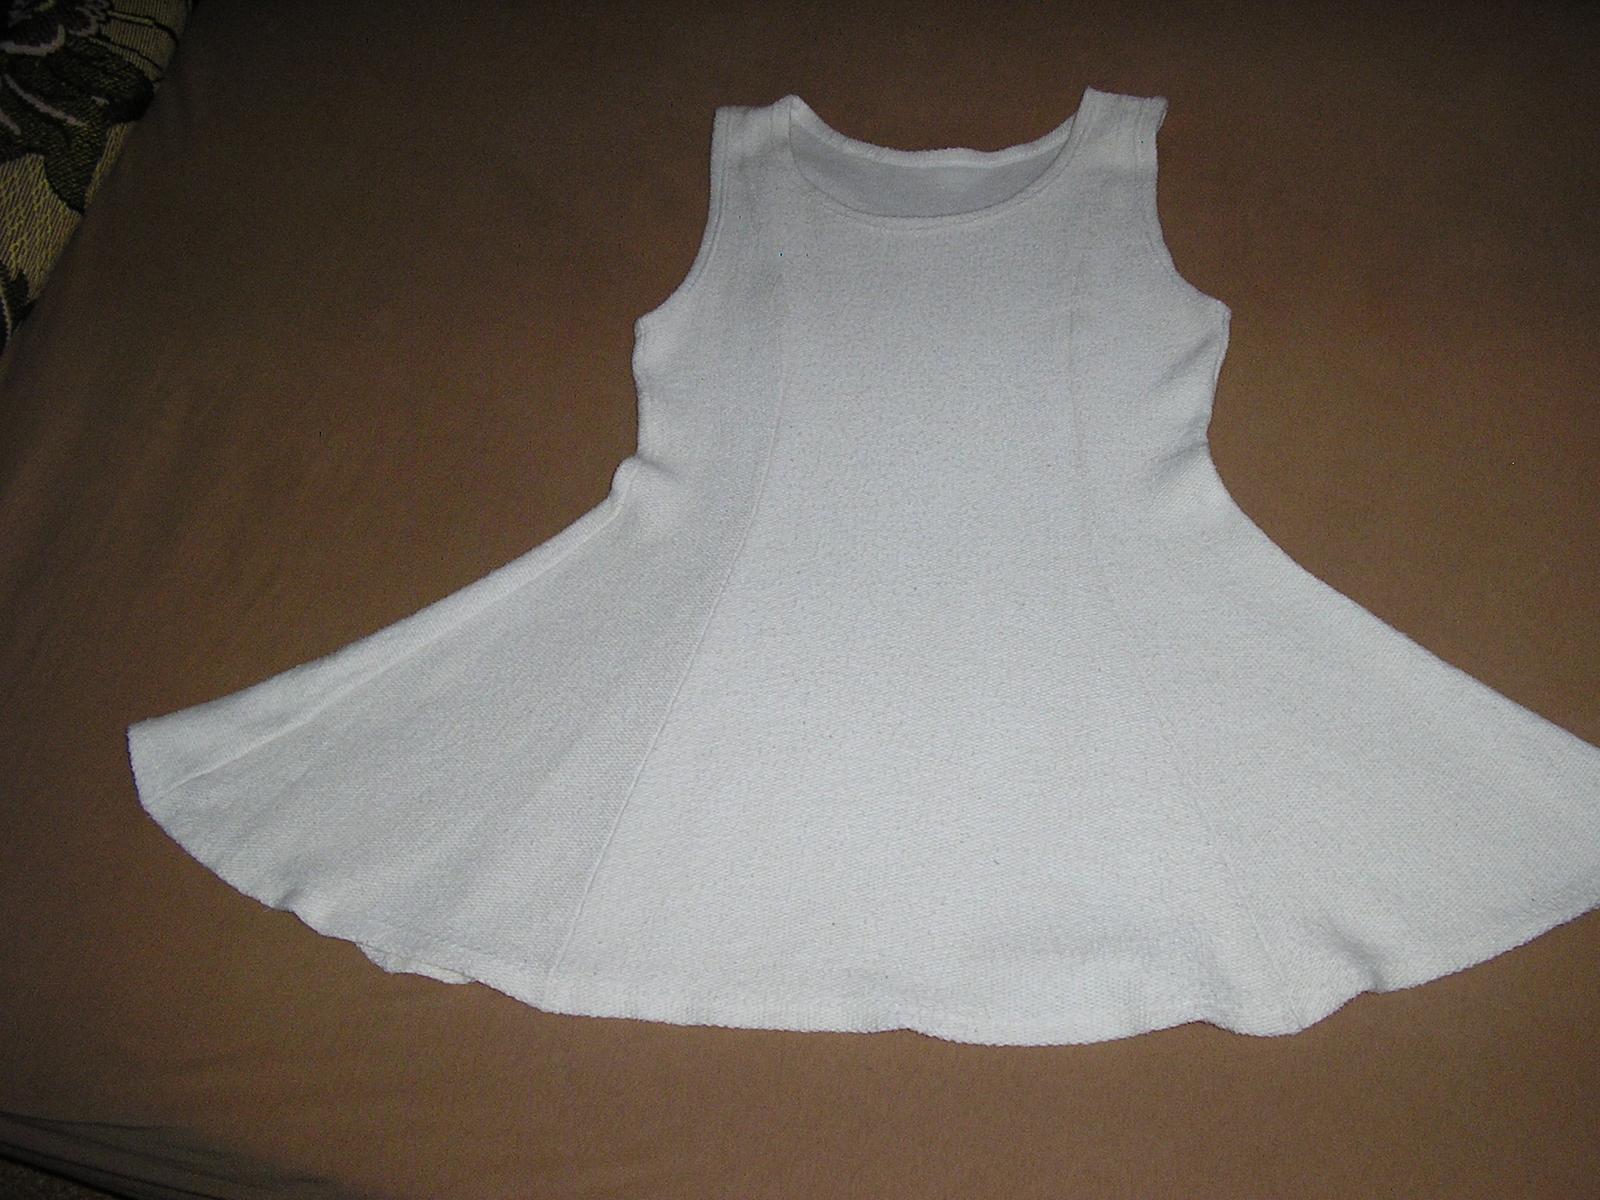 31 Šaty bez rukávov alebo Šatová sukňa  - Obrázok č. 1